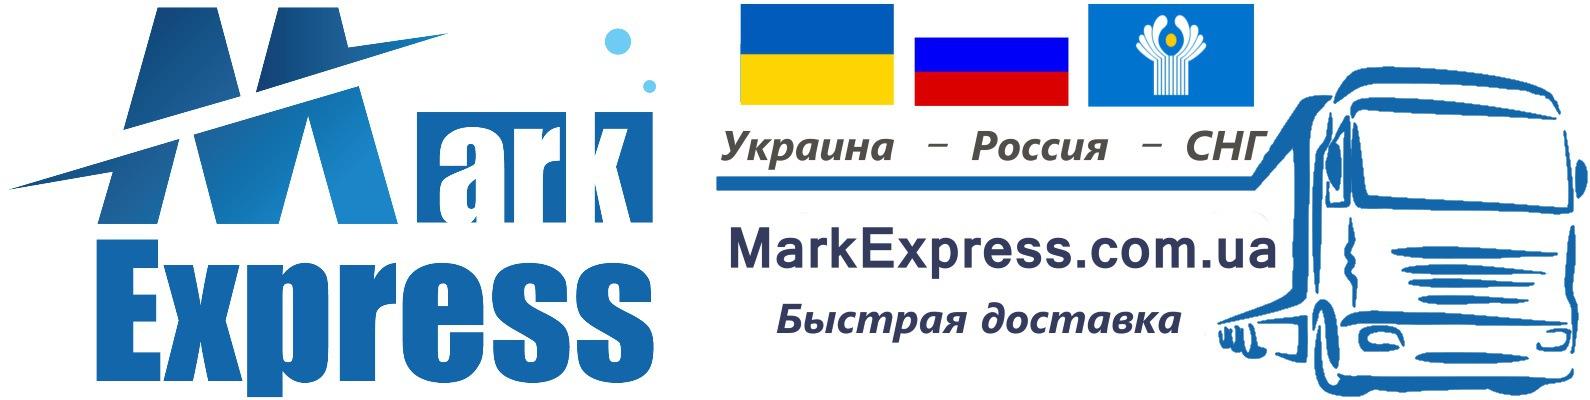 970761899179d Доставка Украина Россия - МаркЭкспресс | ВКонтакте